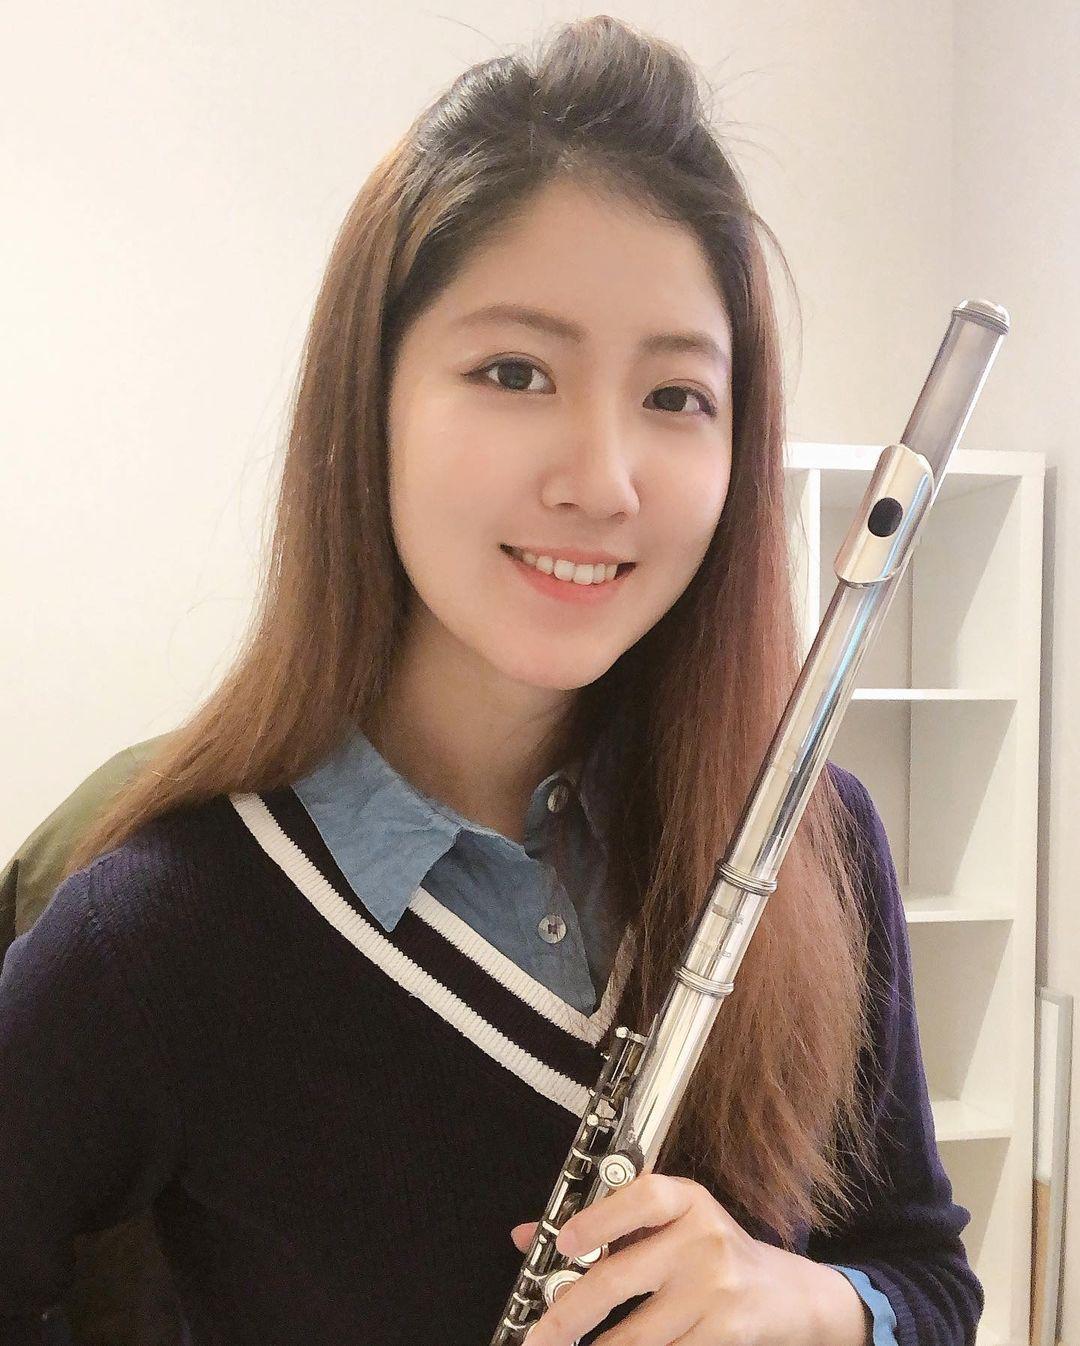 美女音乐老师@玫哟太甜美 要补习英文也可以喔